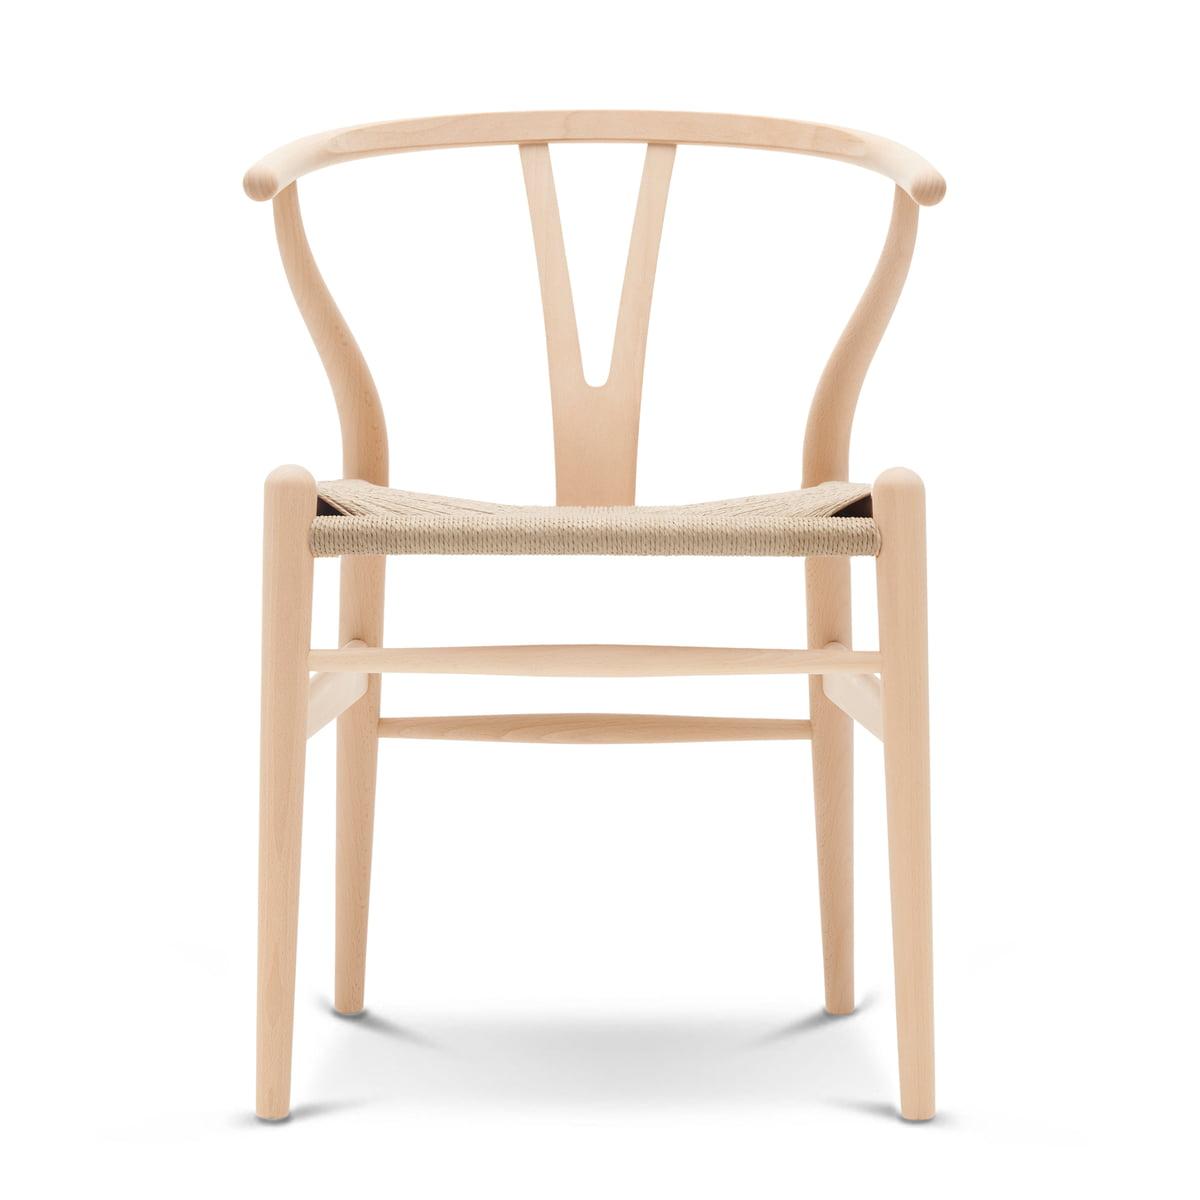 Attraktiv CH24 Wishbone Chair Von Carl Hansen In Buche Geseift / Naturgeflecht